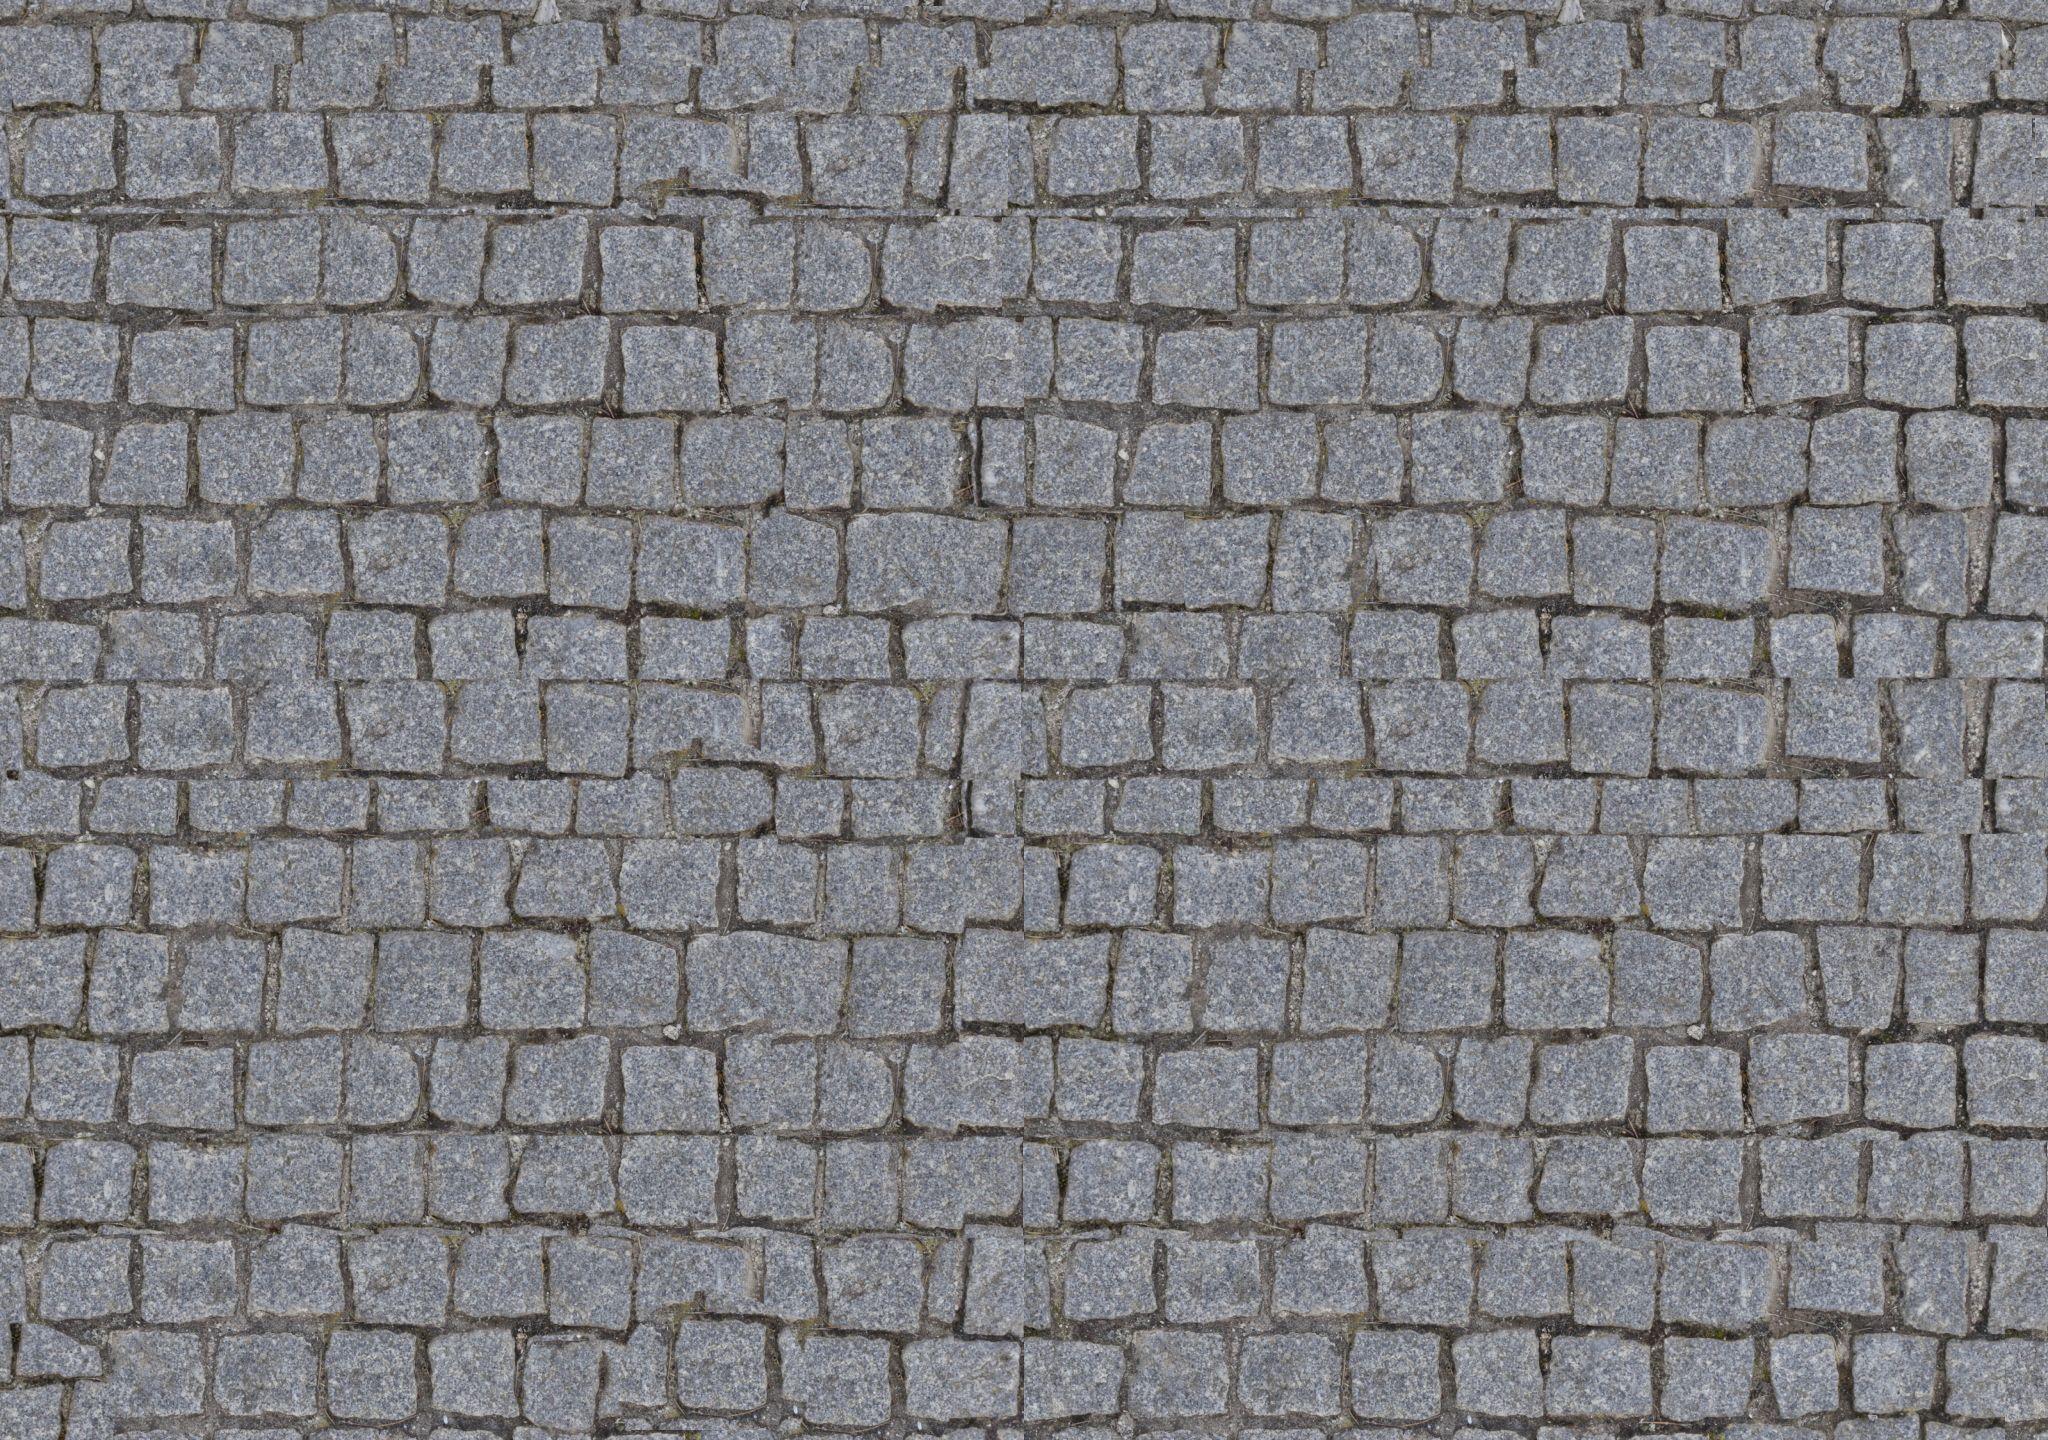 Adoquin gris cuadrado chico textura pinterest for Adoquin para estacionamiento